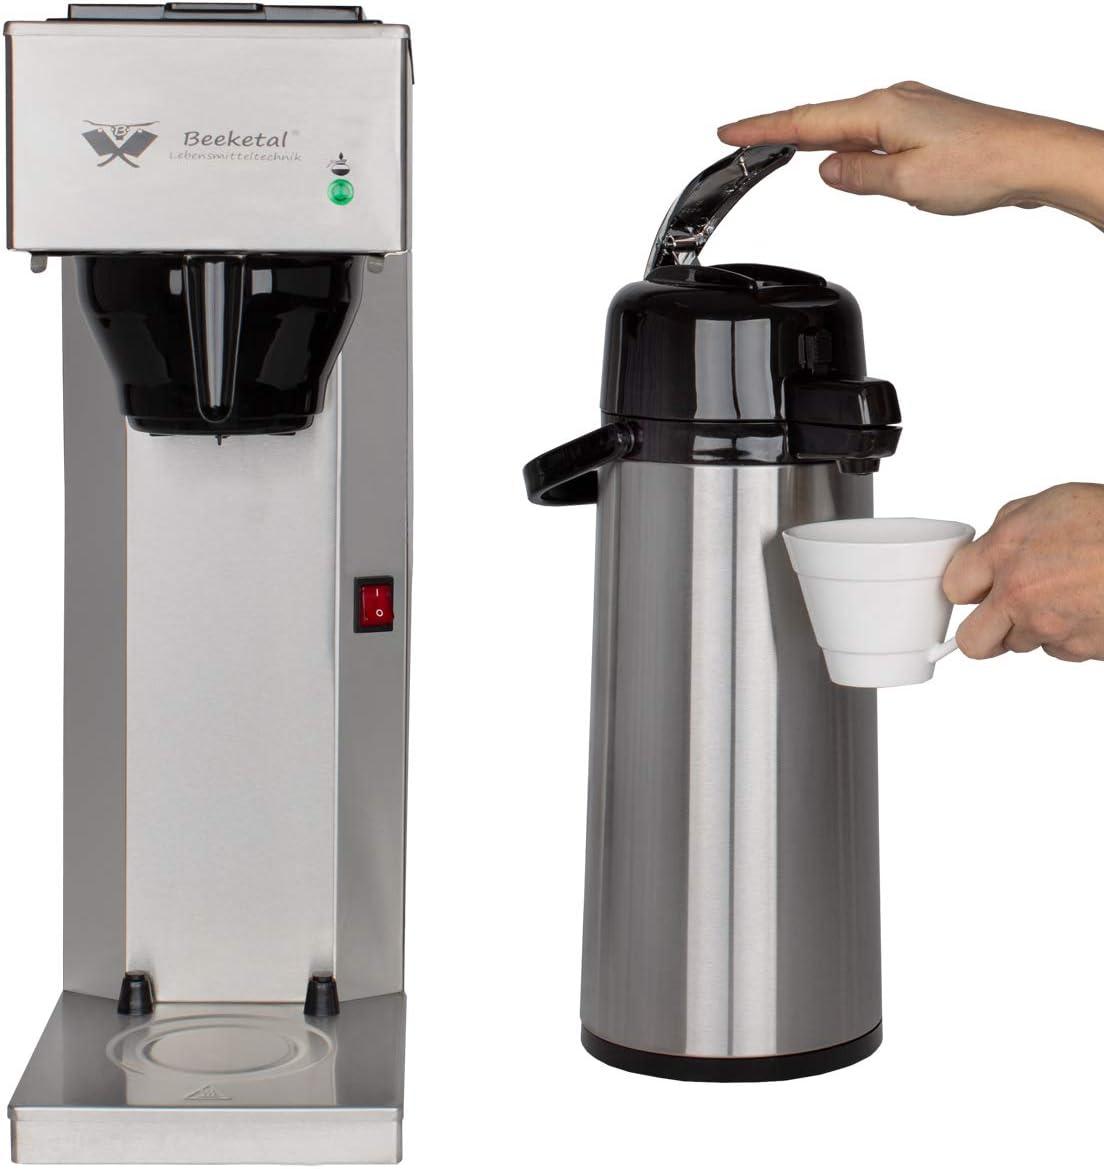 Beeketal 'BGK2-T' Gastro Edelstahl Kaffeemaschine mit 2 Liter